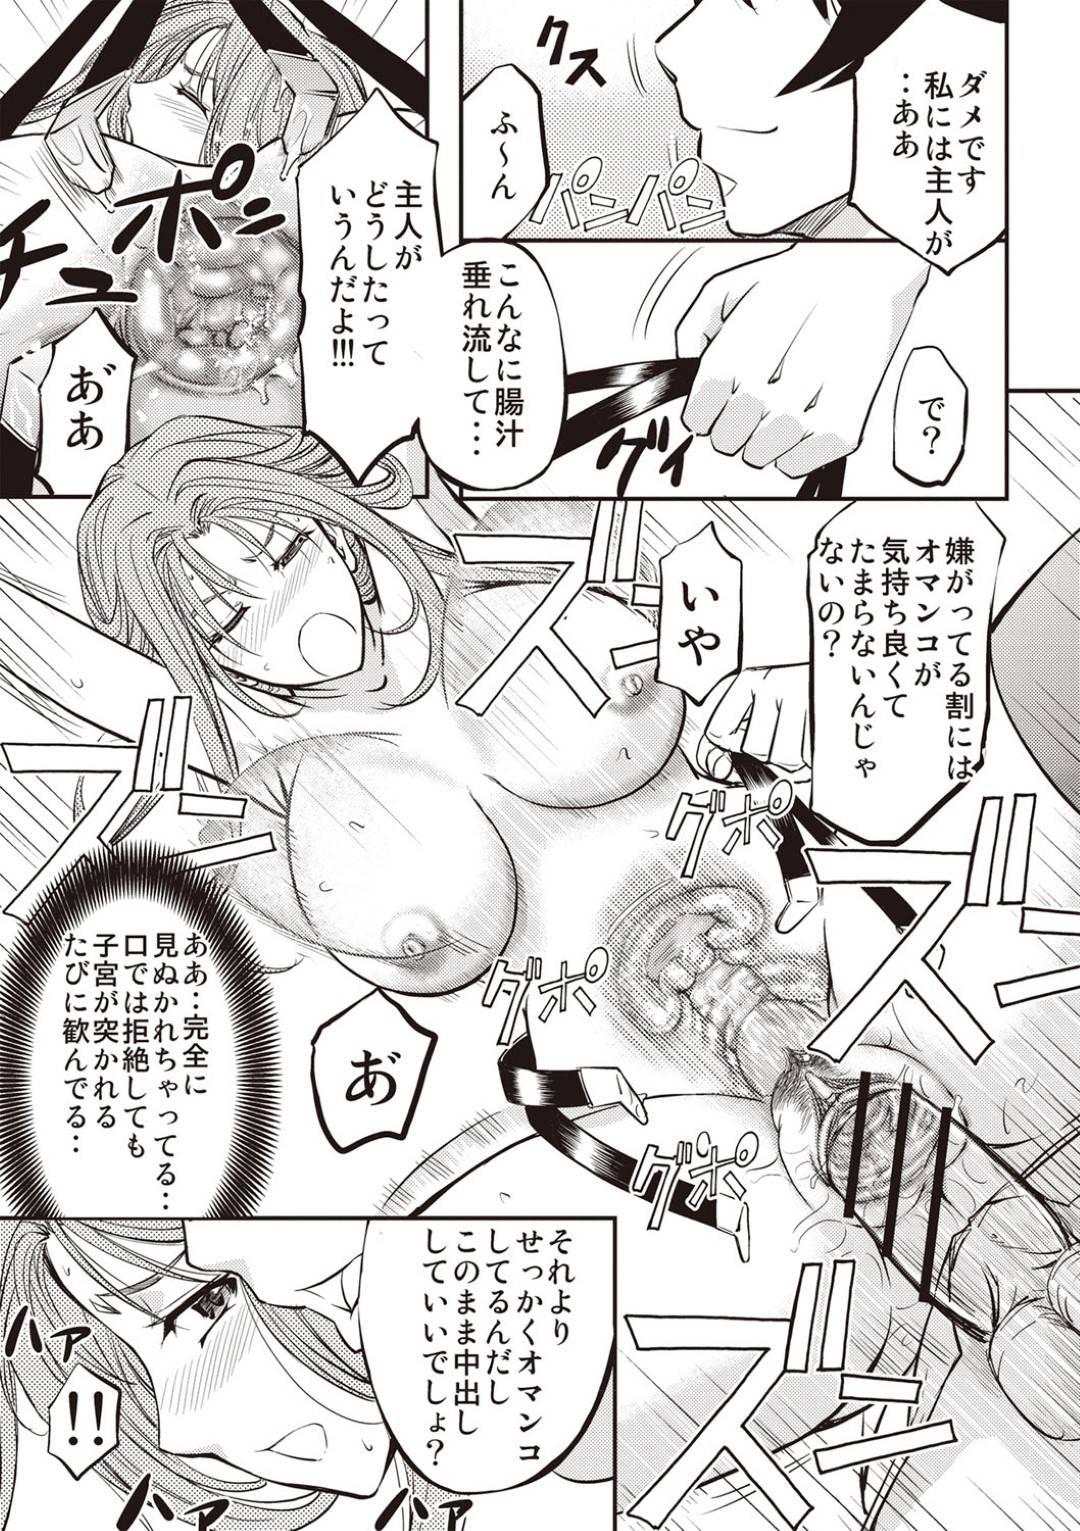 【エロ漫画】家政婦として働いてる人妻は、金持ち息子の激しすぎる調教セクハラでアナル拡張され肉便器としてご奉仕して生ハメ中出しセックスでイキまくる!